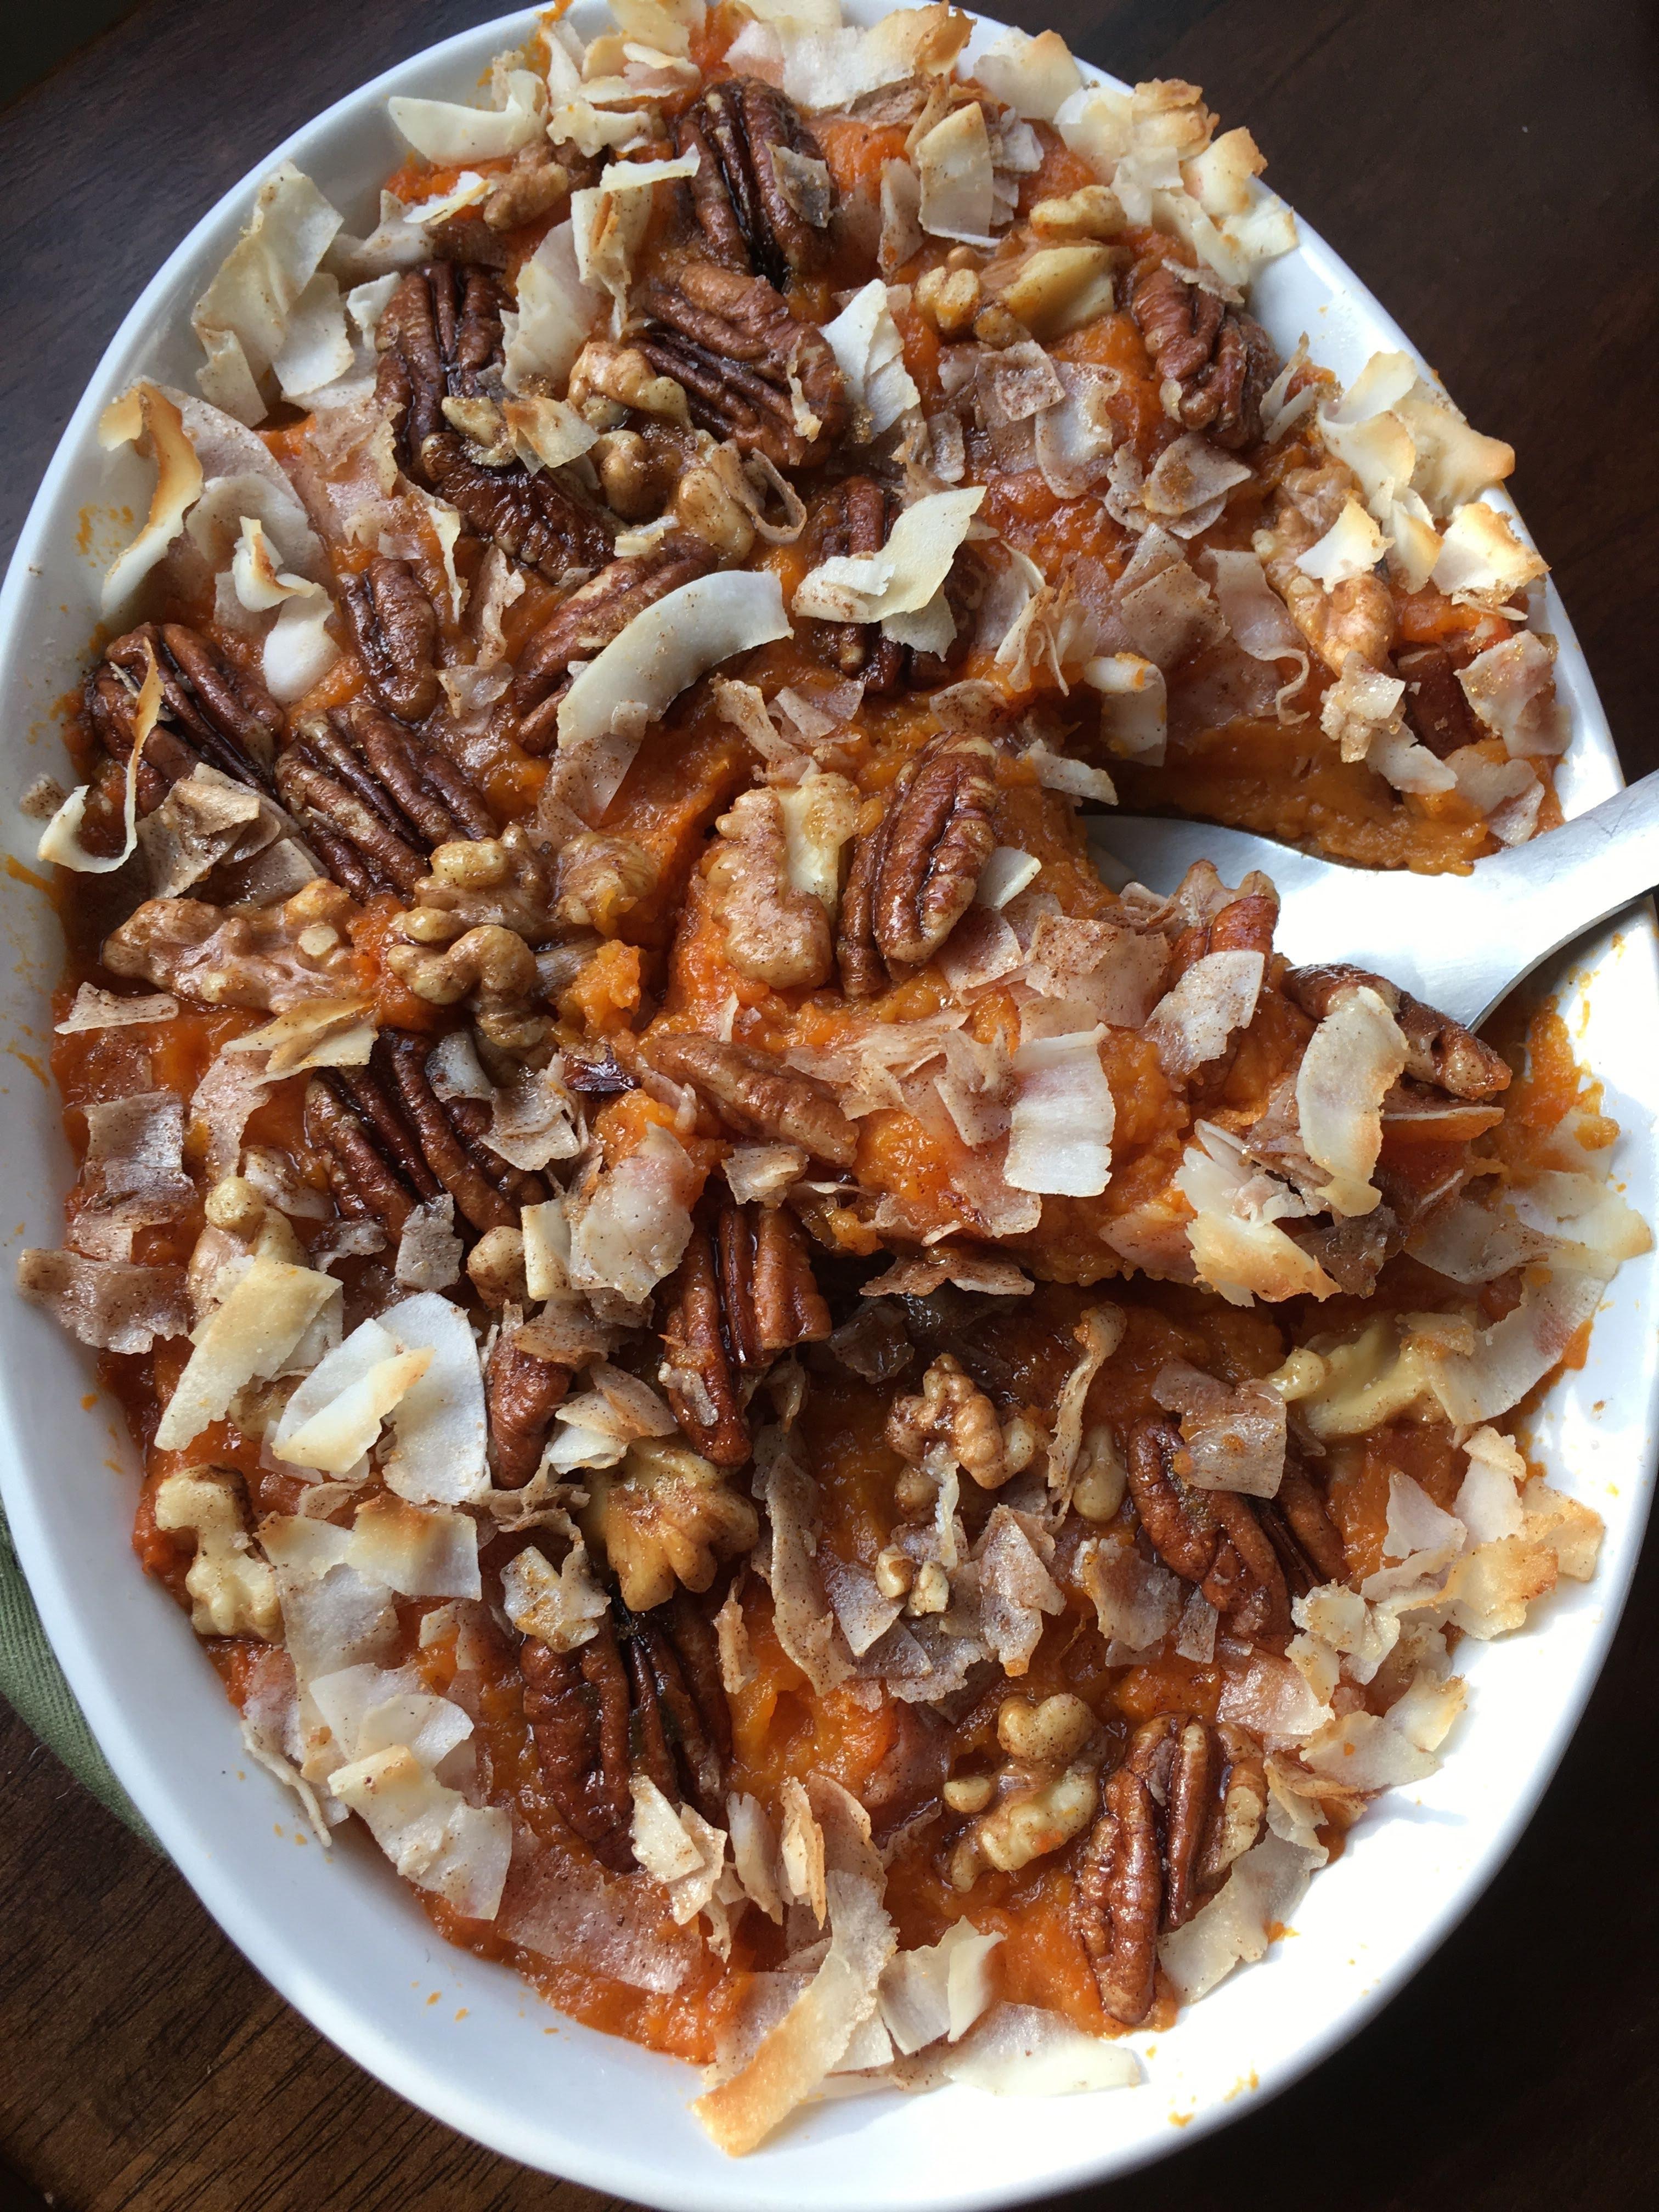 southern sweet potato bake casserole